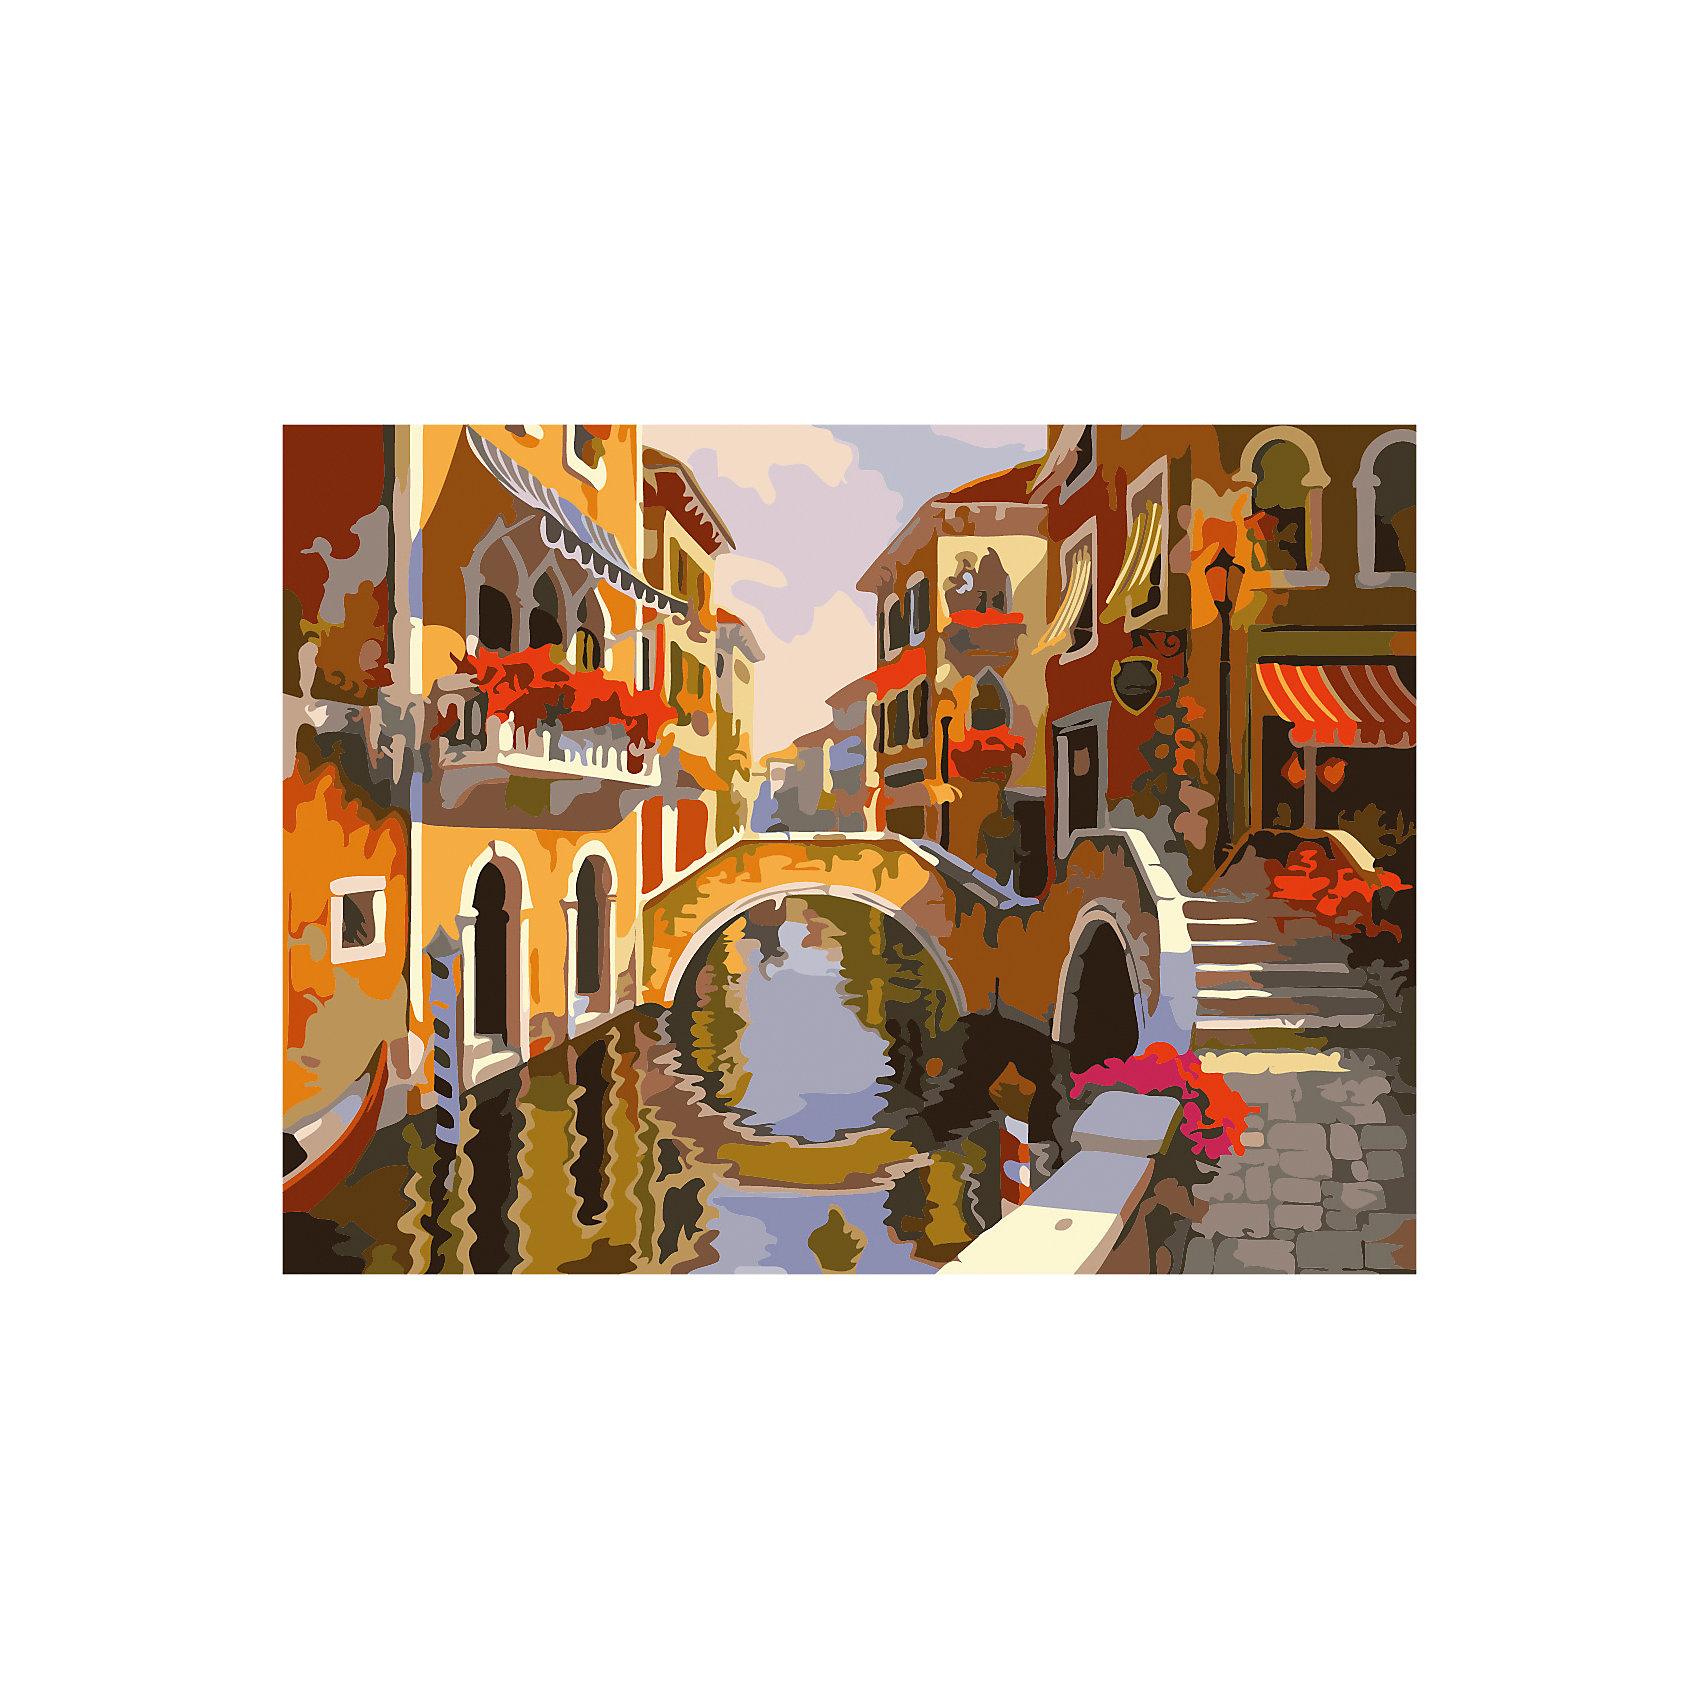 Роспись по номерам Речной канал 40*50 смРисование<br>Характеристики товара:<br><br>- цвет: разноцветный;<br>- материал: бумага, акрил;<br>- комплектация: холст на подрамнике, кисти, краски, контрольный рисунок, инструкция;<br>- размер картины: 40х50 см;<br>- размер упаковки: 42х52х3 см.<br><br>Этот набор для рисования станет отличным подарком и для ребенка, и для взрослого. Он помогает развить художественные навыки, поверить в свои силы, а в итоге работы получается произведение искусства, которое может украсить интерьер!<br>Основа комплекта - это полотно на подрамнике размером 40 на 50 сантиметров, на которое нанесены контуры рисунка, а участки пронумерованы. Каждому номеру соответствует баночка с краской определенного оттенка. Для удобного нанесения акриловых красок на водной основе в наборе есть три разные кисти, с их помощью даже мелкие детали можно аккуратно и красиво прорисовать. Чтобы контролировать процесс, можно сверяться с контрольным рисунком, на котором изображена готовая картина.<br>Роспись по такой схеме помогает развивать зрительную память, концентрацию внимания, мелкую моторику и цветовосприятие.<br><br>Роспись по номерам Речной канал 40*50 см можно купить в нашем интернет-магазине.<br><br>Ширина мм: 420<br>Глубина мм: 520<br>Высота мм: 50<br>Вес г: 900<br>Возраст от месяцев: 36<br>Возраст до месяцев: 2147483647<br>Пол: Унисекс<br>Возраст: Детский<br>SKU: 5117444